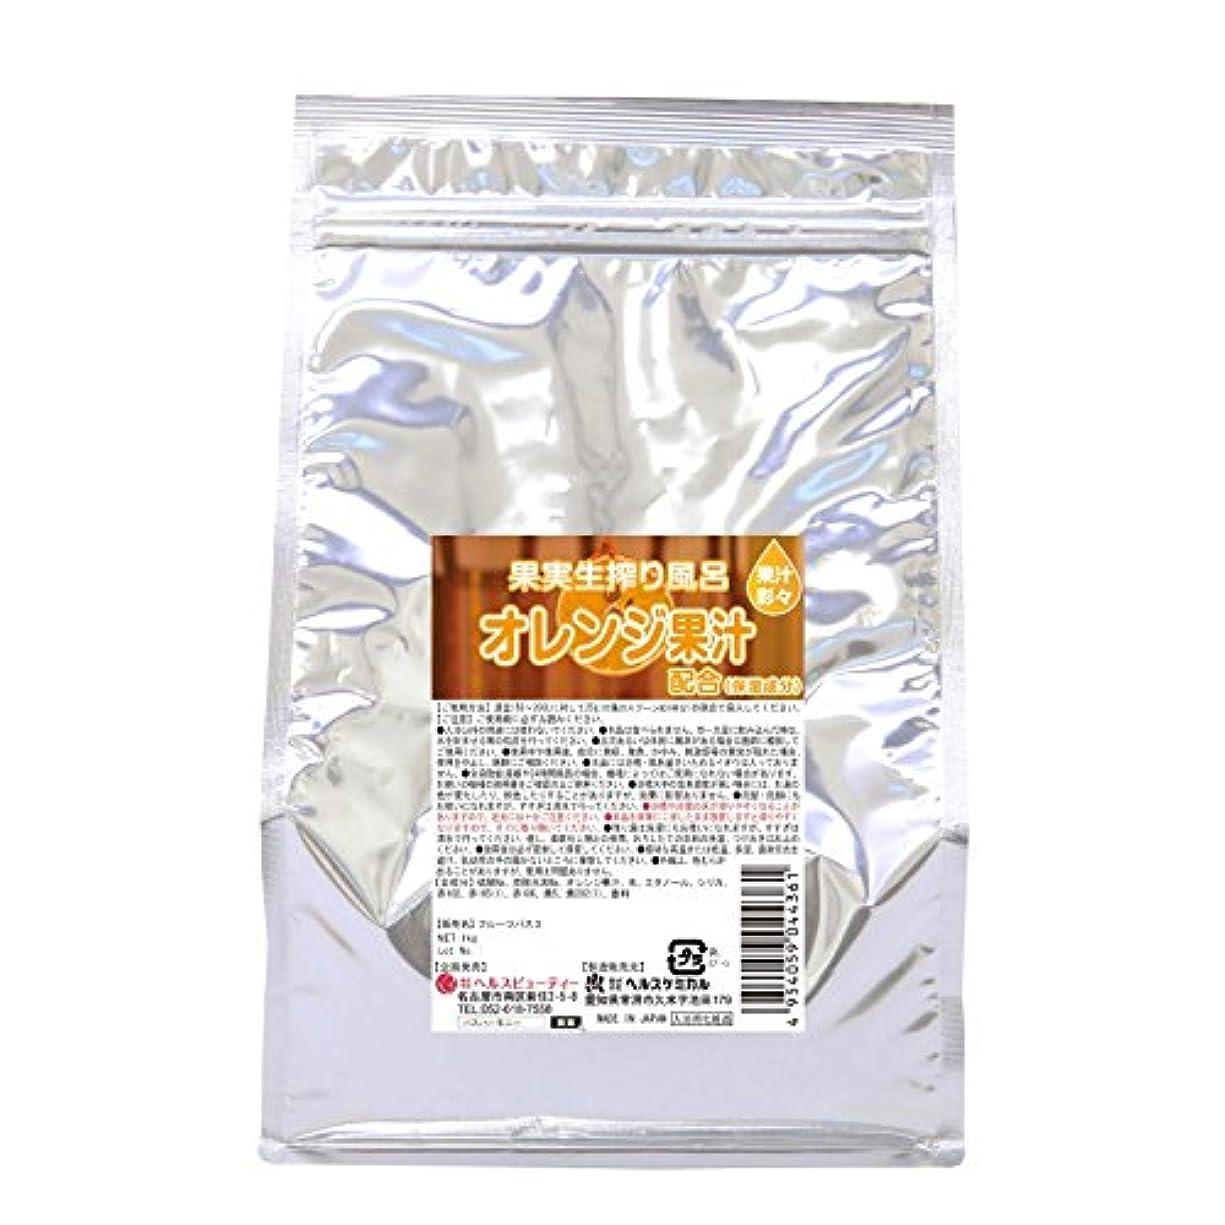 人種本を読む放つ入浴剤 湯匠仕込 オレンジ果汁配合 1kg 50回分 お徳用